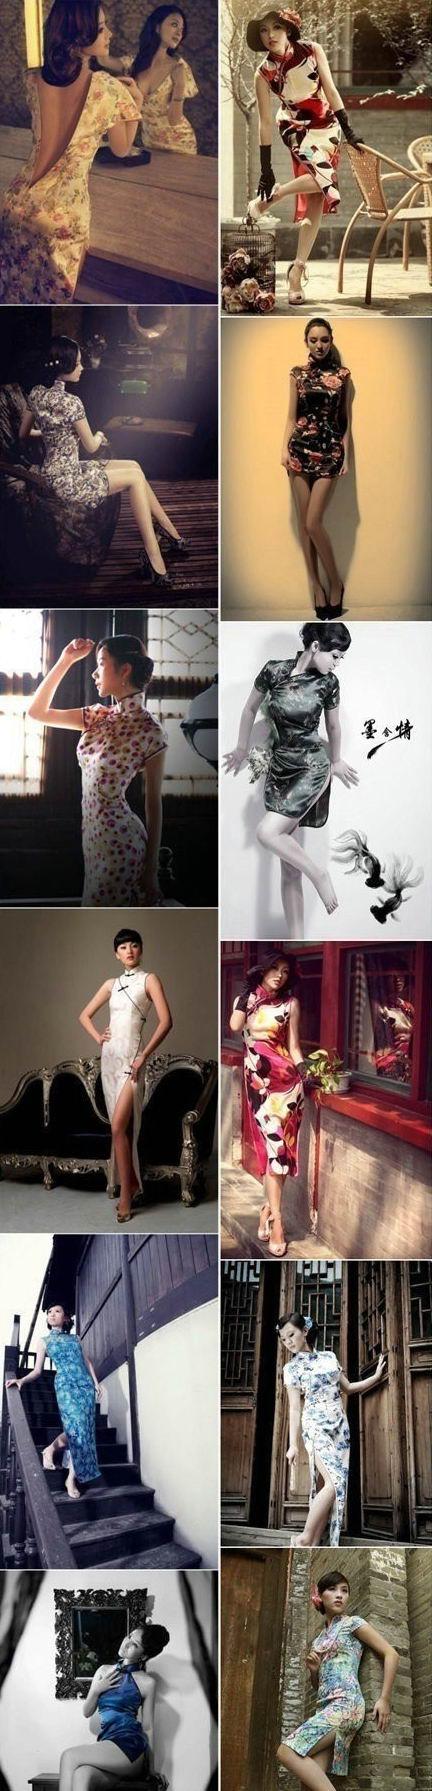 旗袍也可以那么性感,旗袍是中国一伟大发明,应该将其发扬广大!